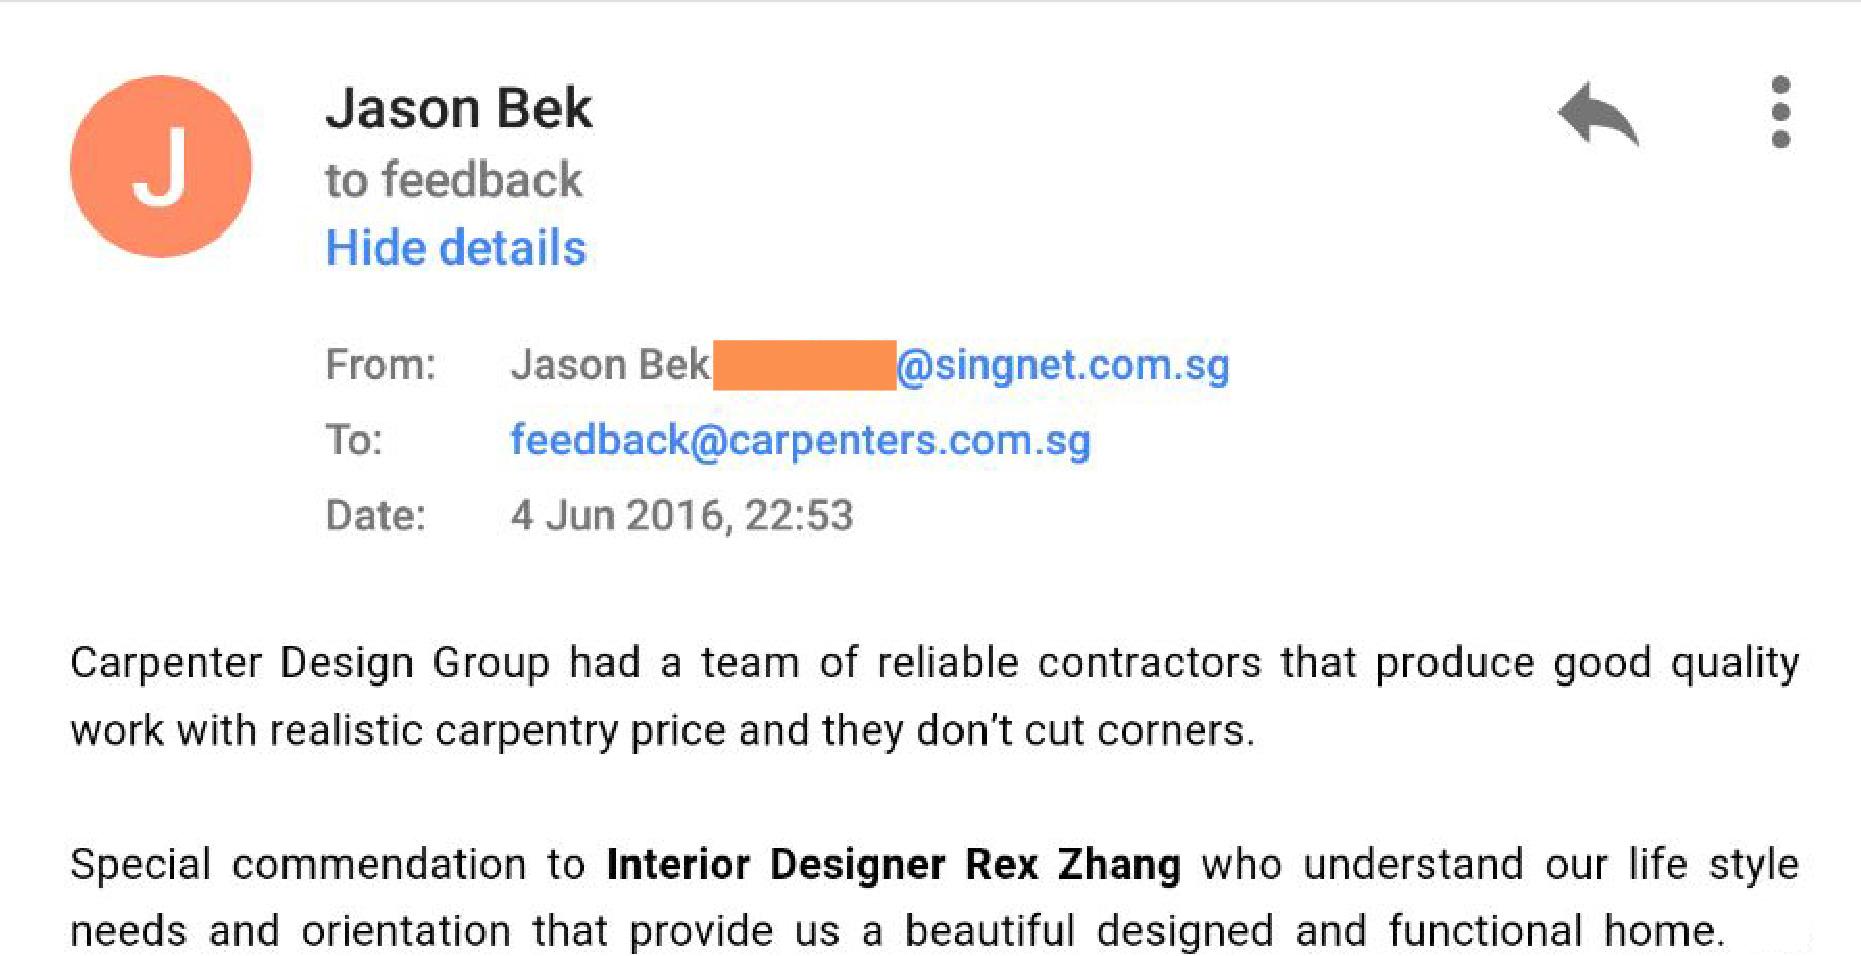 Hdb interior design in singapore 4 room flat at jurong east hwa li - Jason Bek